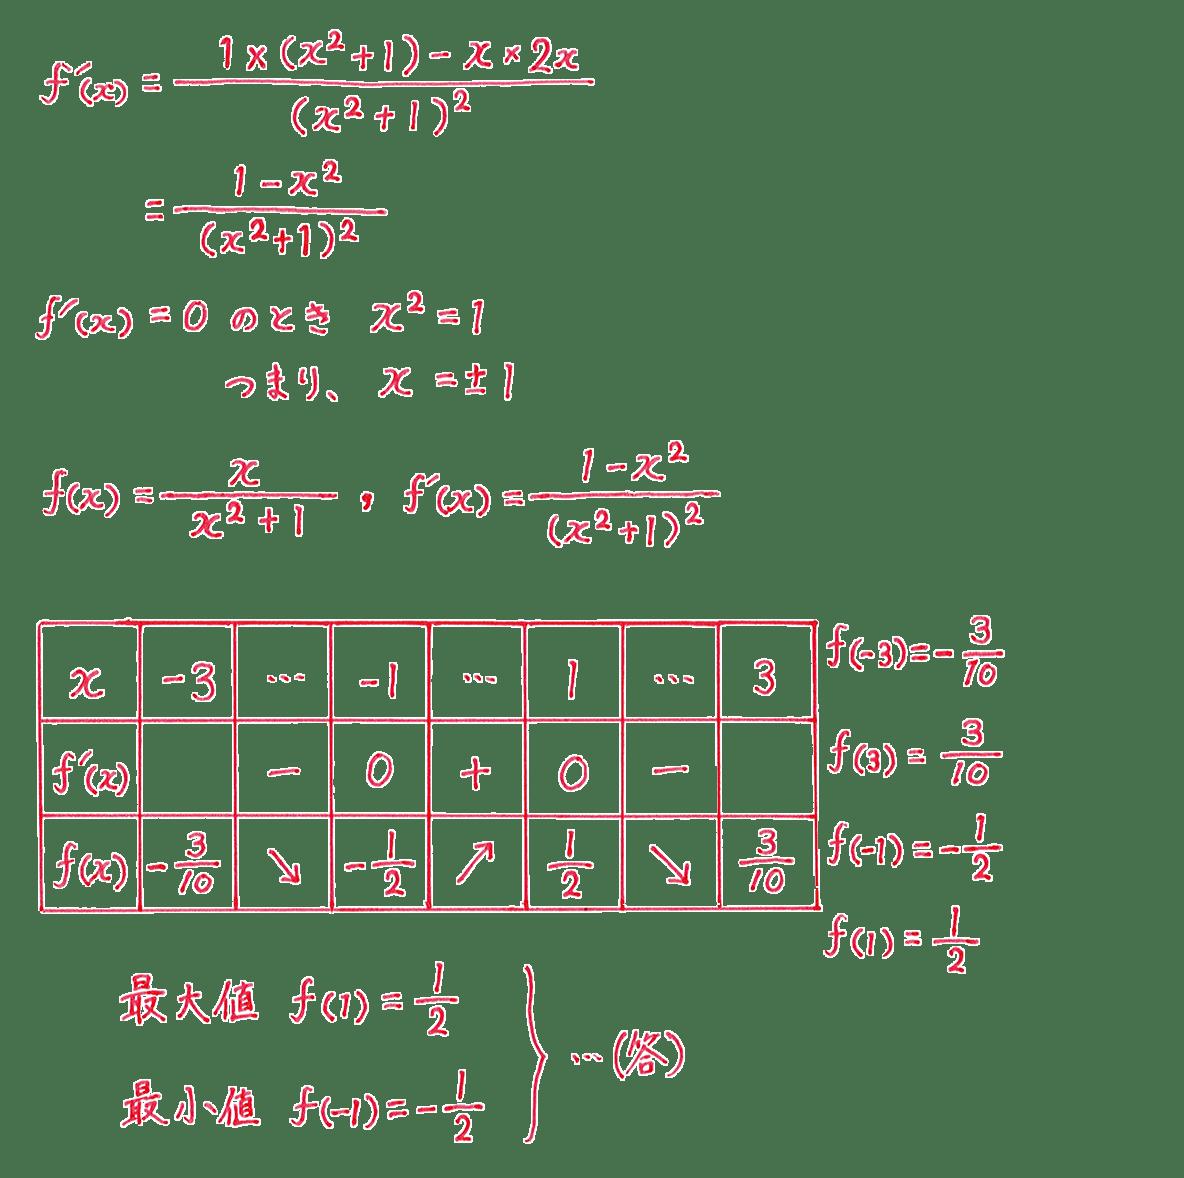 微分法の応用15 問題 答え